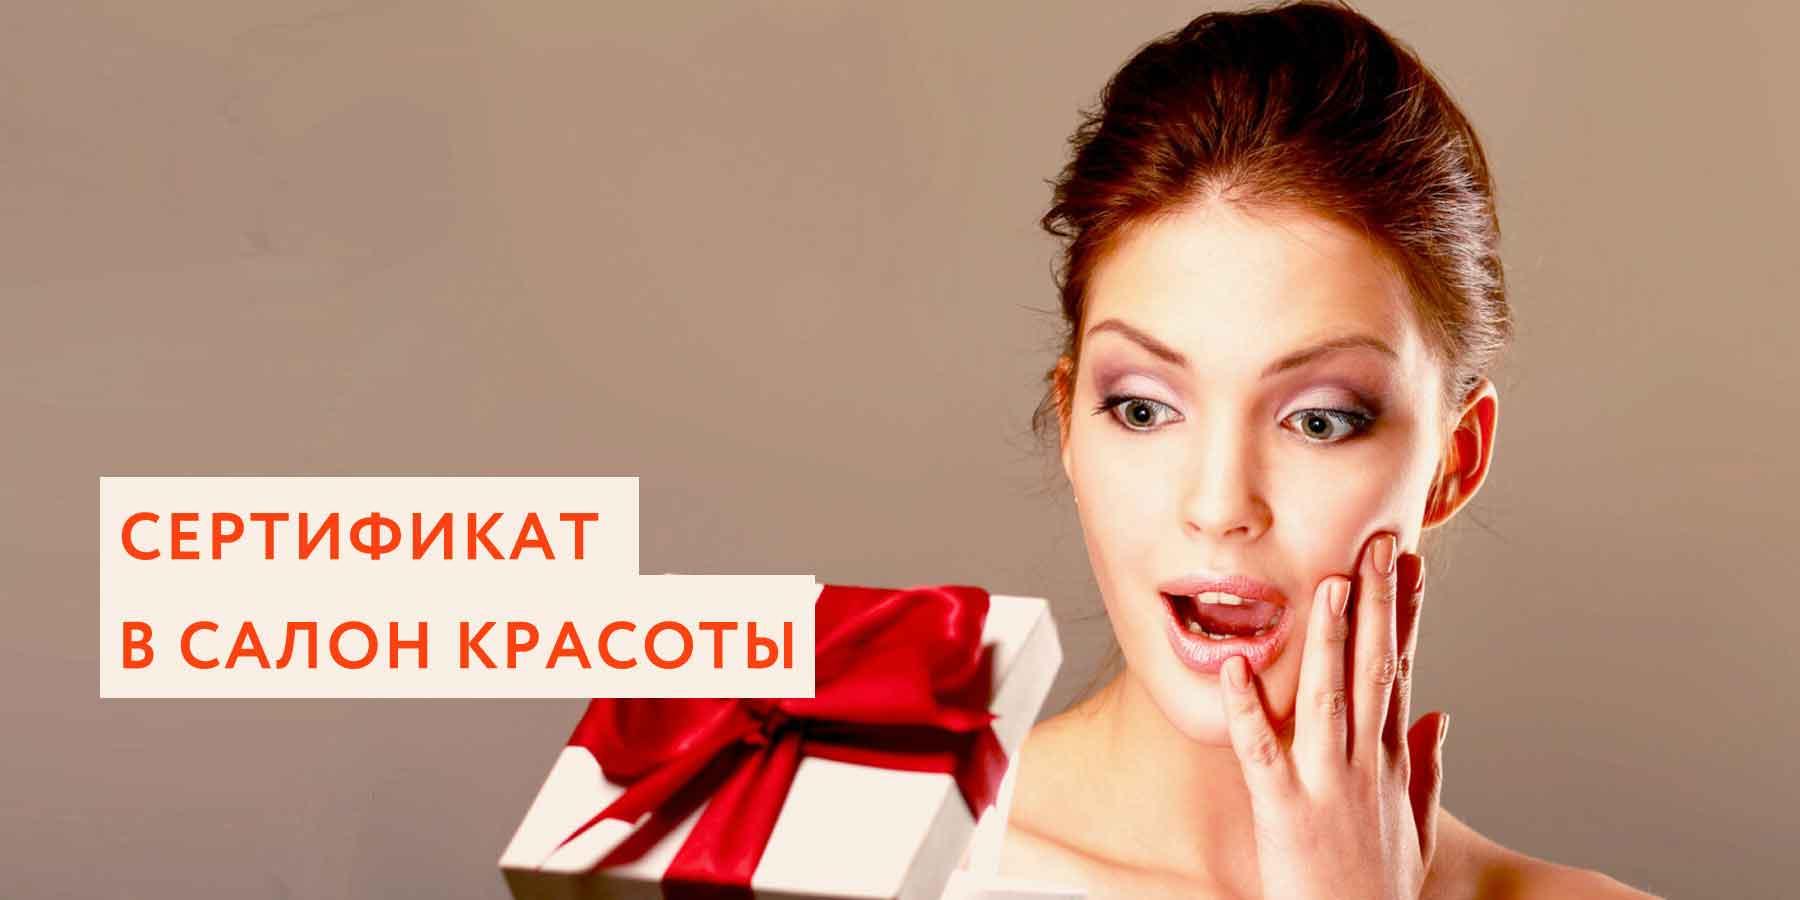 Сертификат в салон красоты и другие беспроигрышные подарки на любое торжество